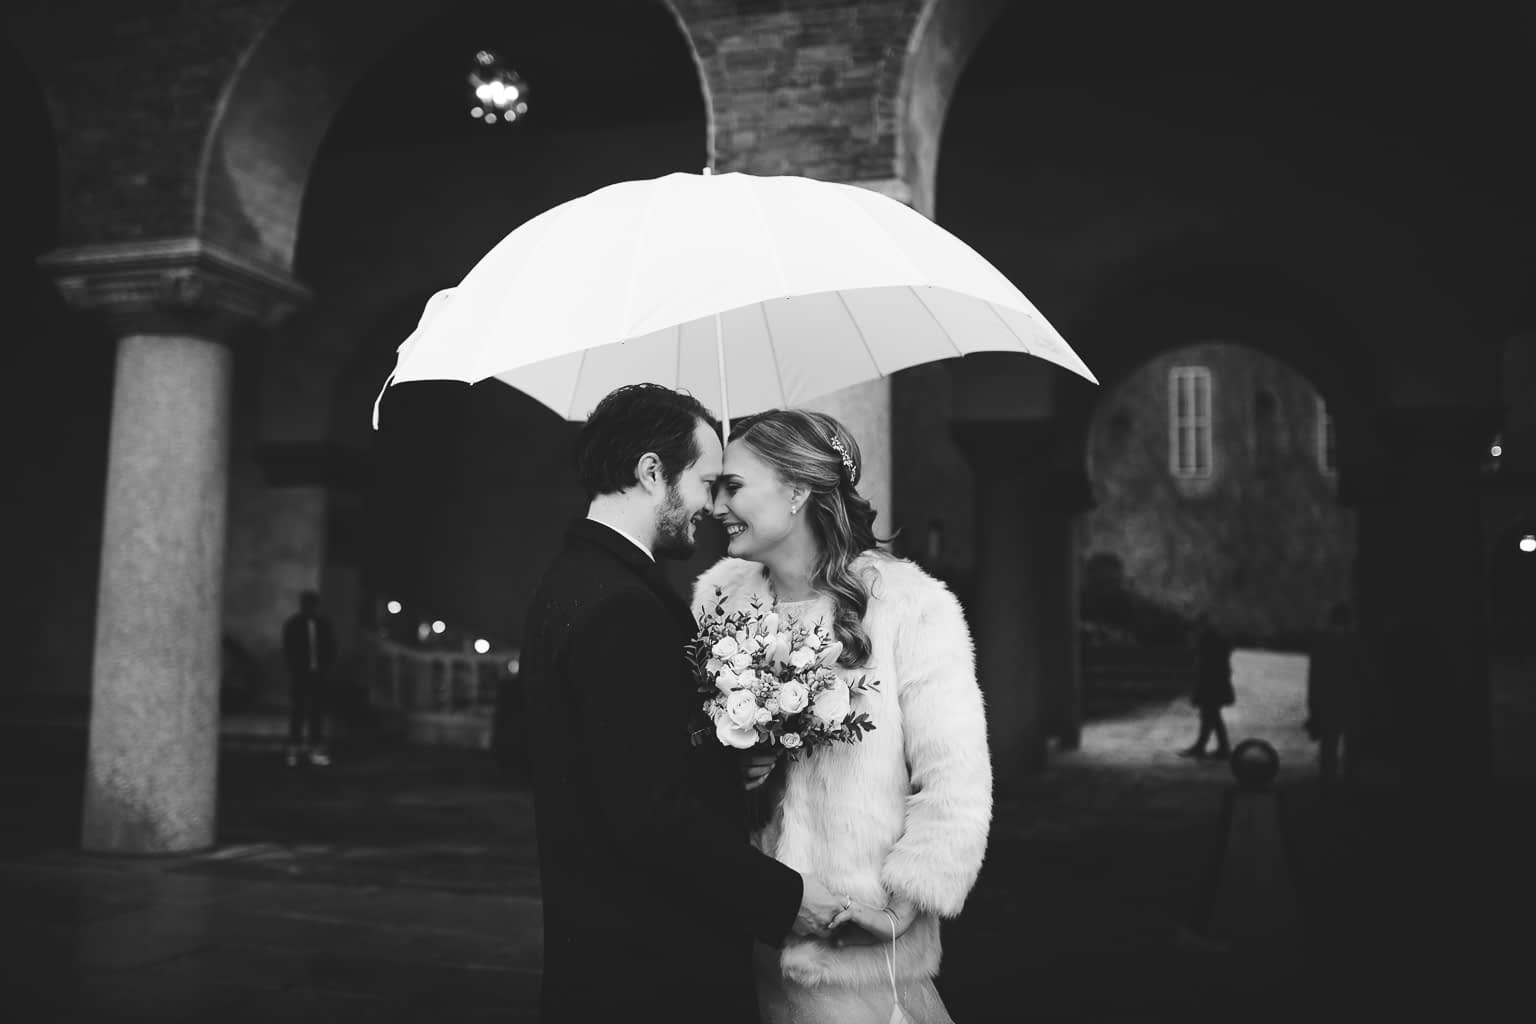 photographie original de mariage